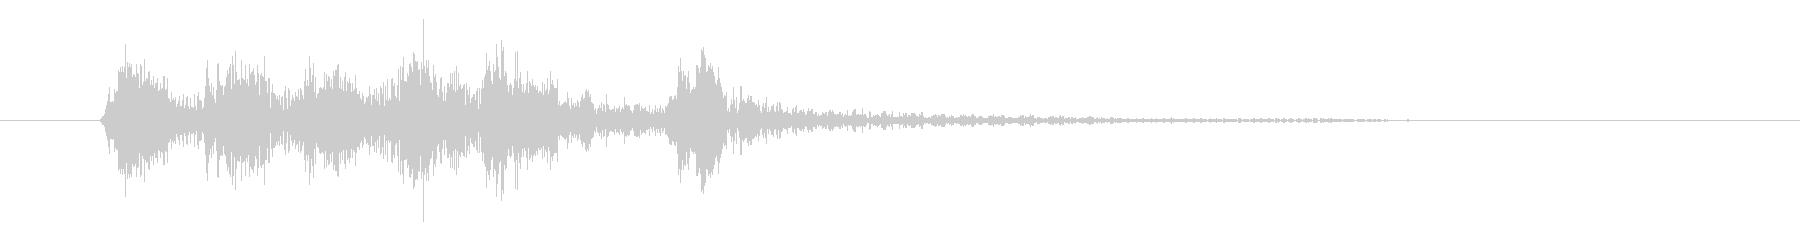 ピチカートのシンプルなジングル その3の未再生の波形